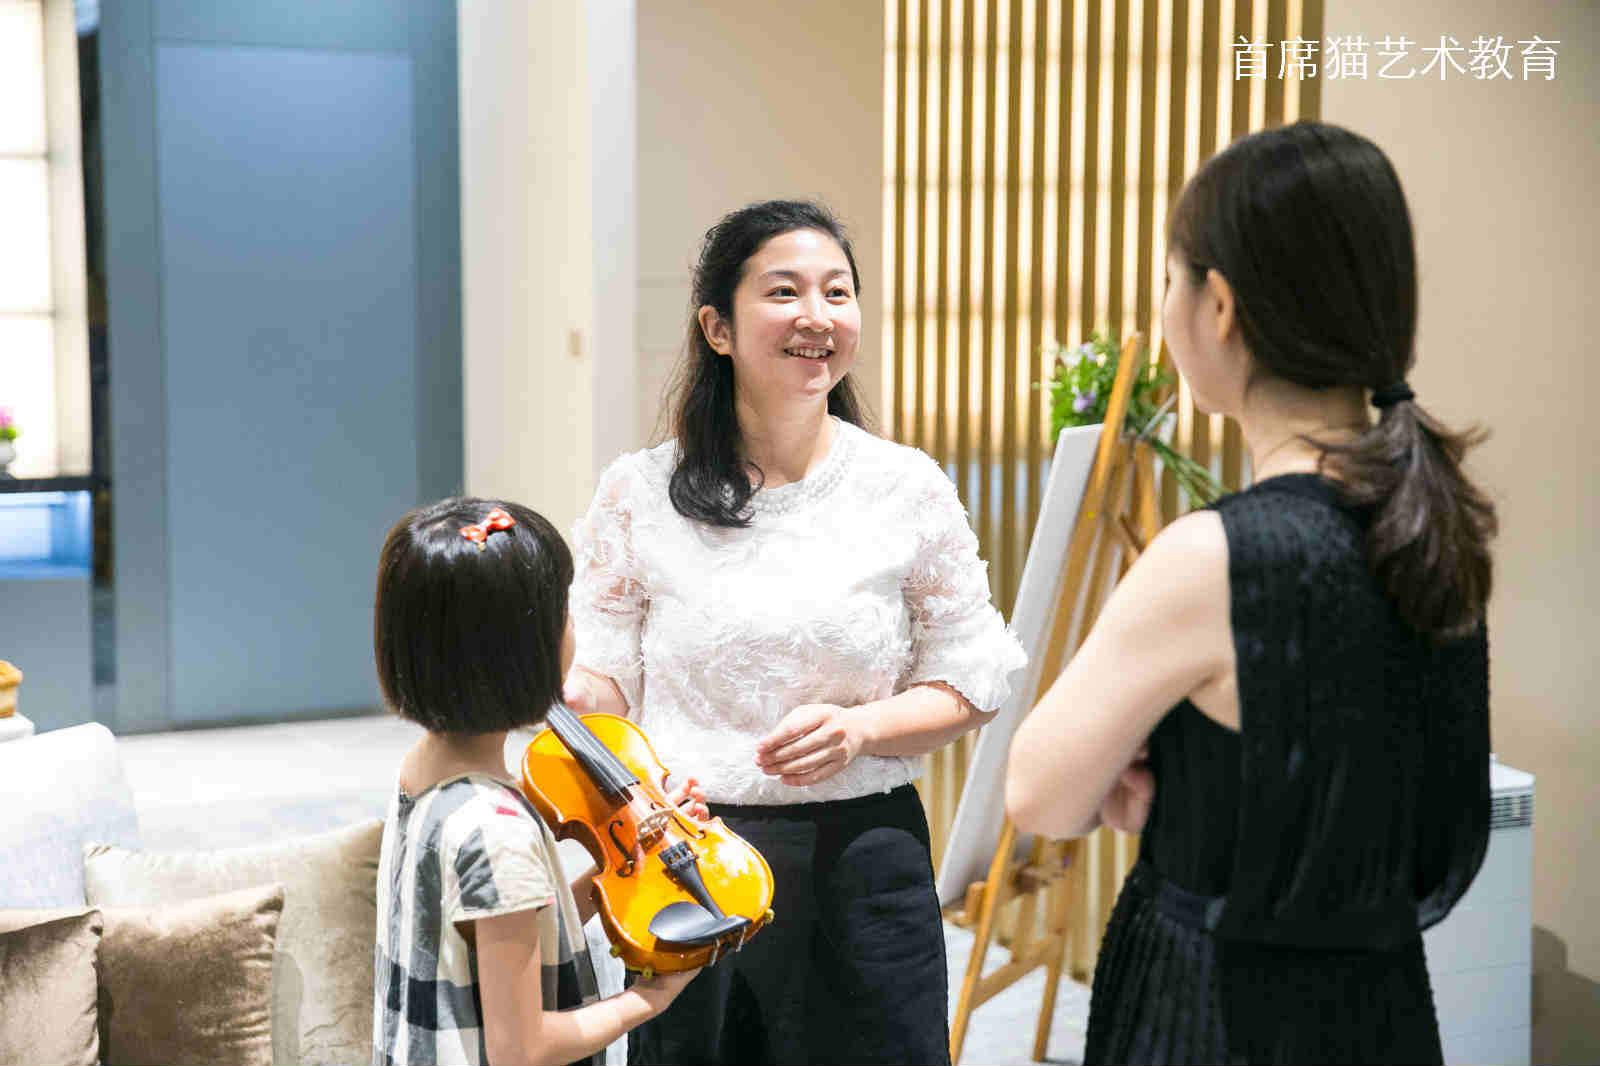 选对伙伴,这些少儿小提琴培训产品让你高效作业